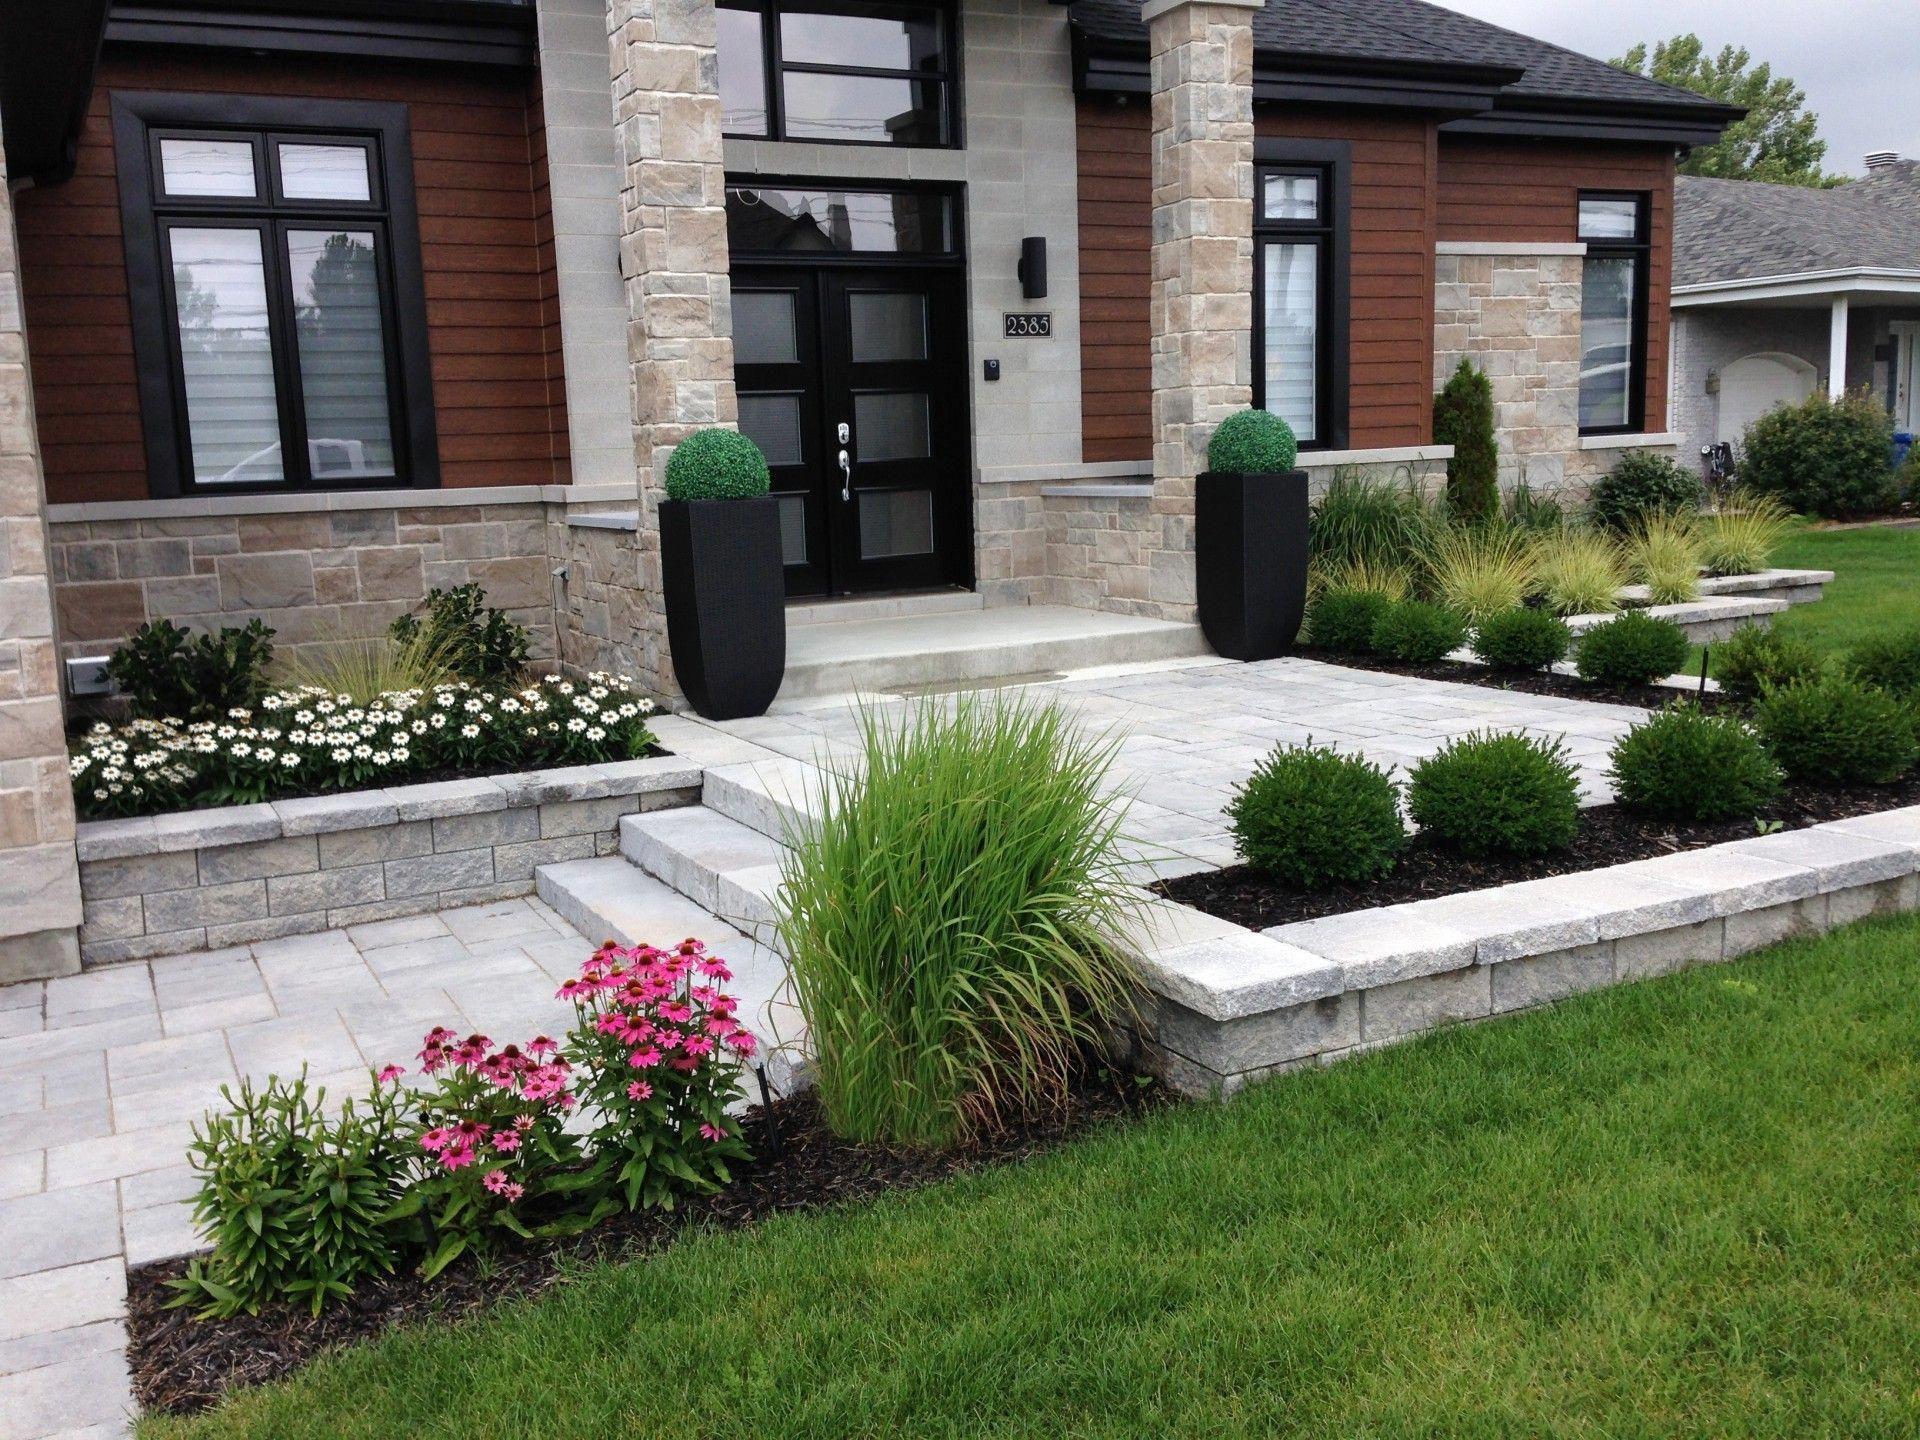 Solid Advice For Landscaping Around Your Home   Aménagement ... dedans Parterre Devant Maison Moderne